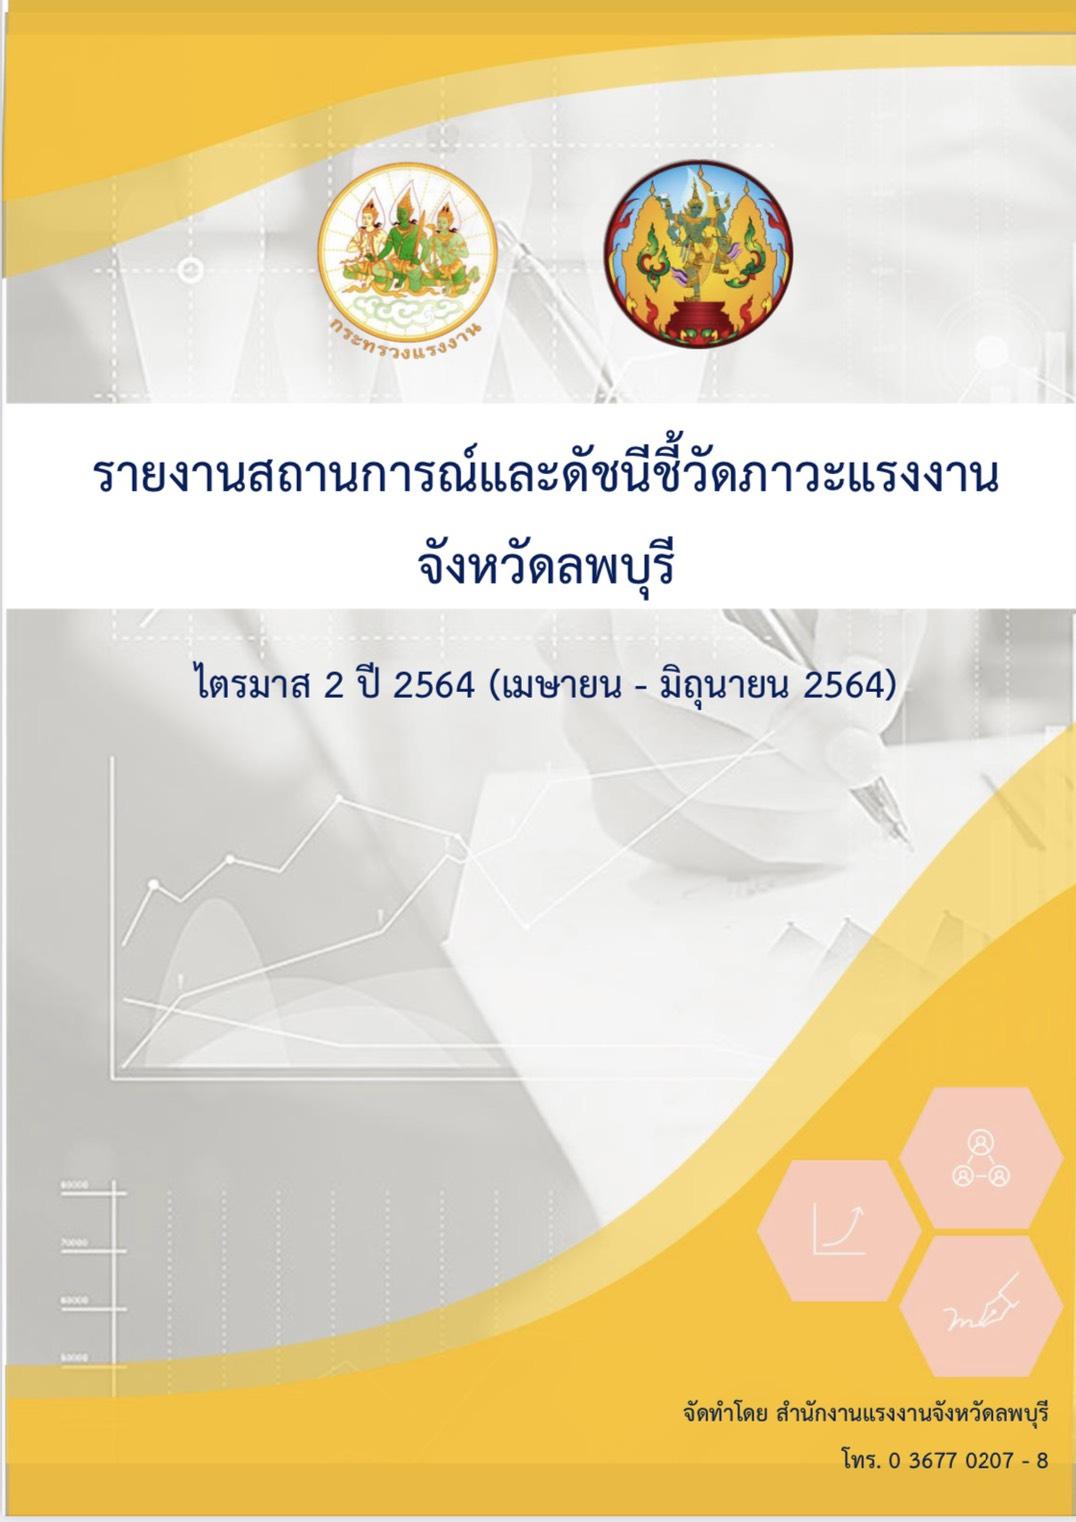 รายงานสถานการณ์แรงงานและดัชนีชี้วัดภาวะแรงงานจังหวัดลพบุรี ไตรมาส 2 ปี 64 (เมษายน – มิถุนายน 2564)